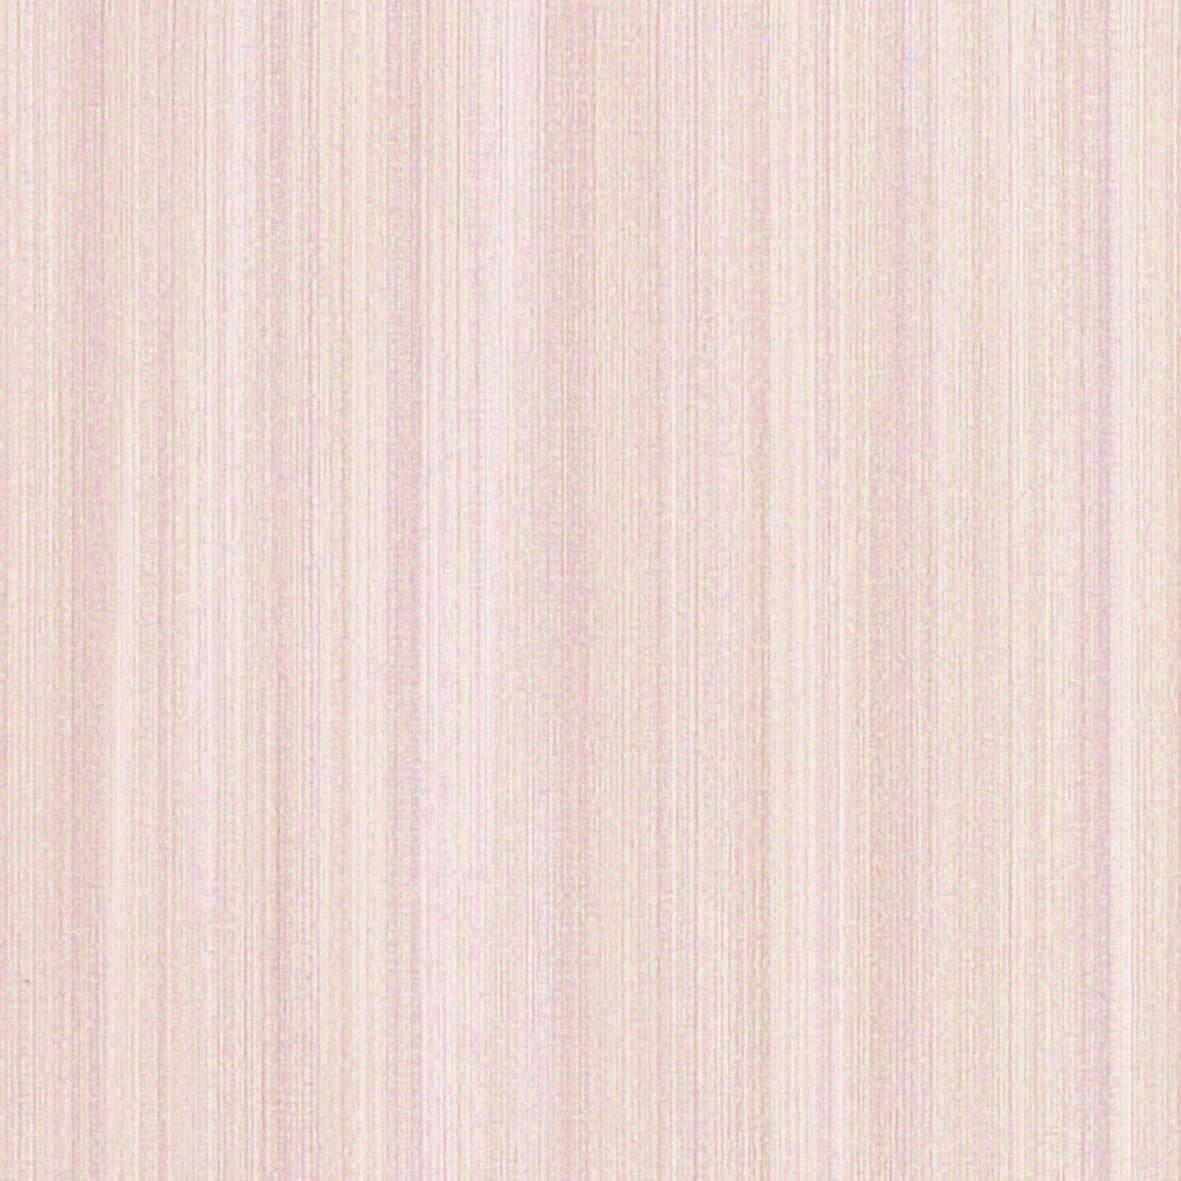 リリカラ 壁紙36m シンフル ストライプ ホワイト LL-8603 B01N3WI5GX 36m|ホワイト